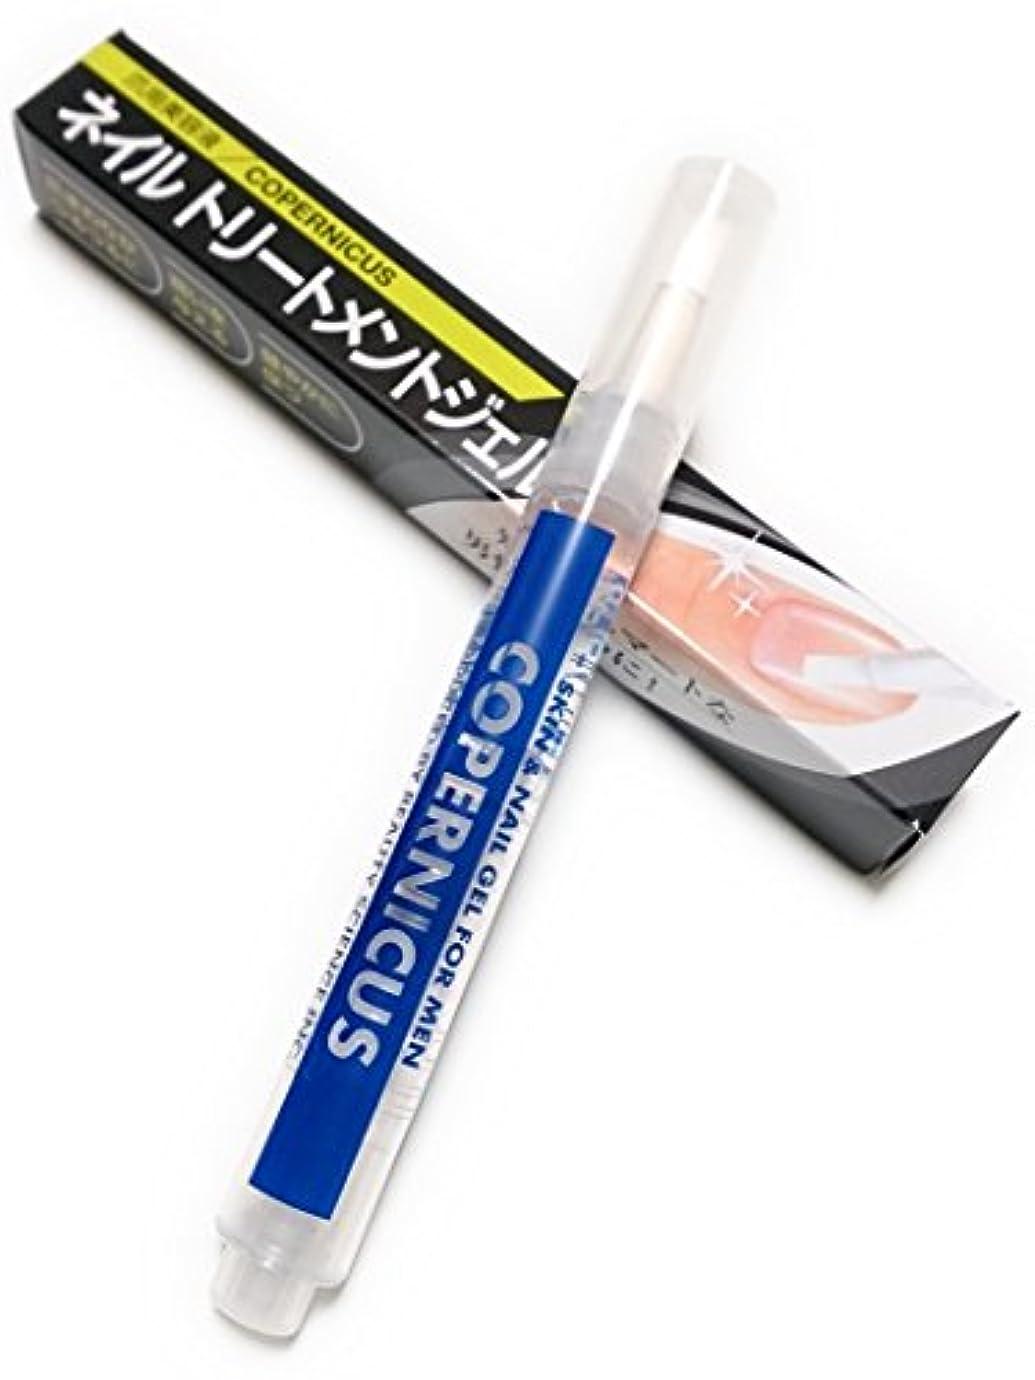 やけどソーダ水急性メンズ ネイルトリートメントジェル 爪用 美容液 コペルニクス (COPERNICUS)